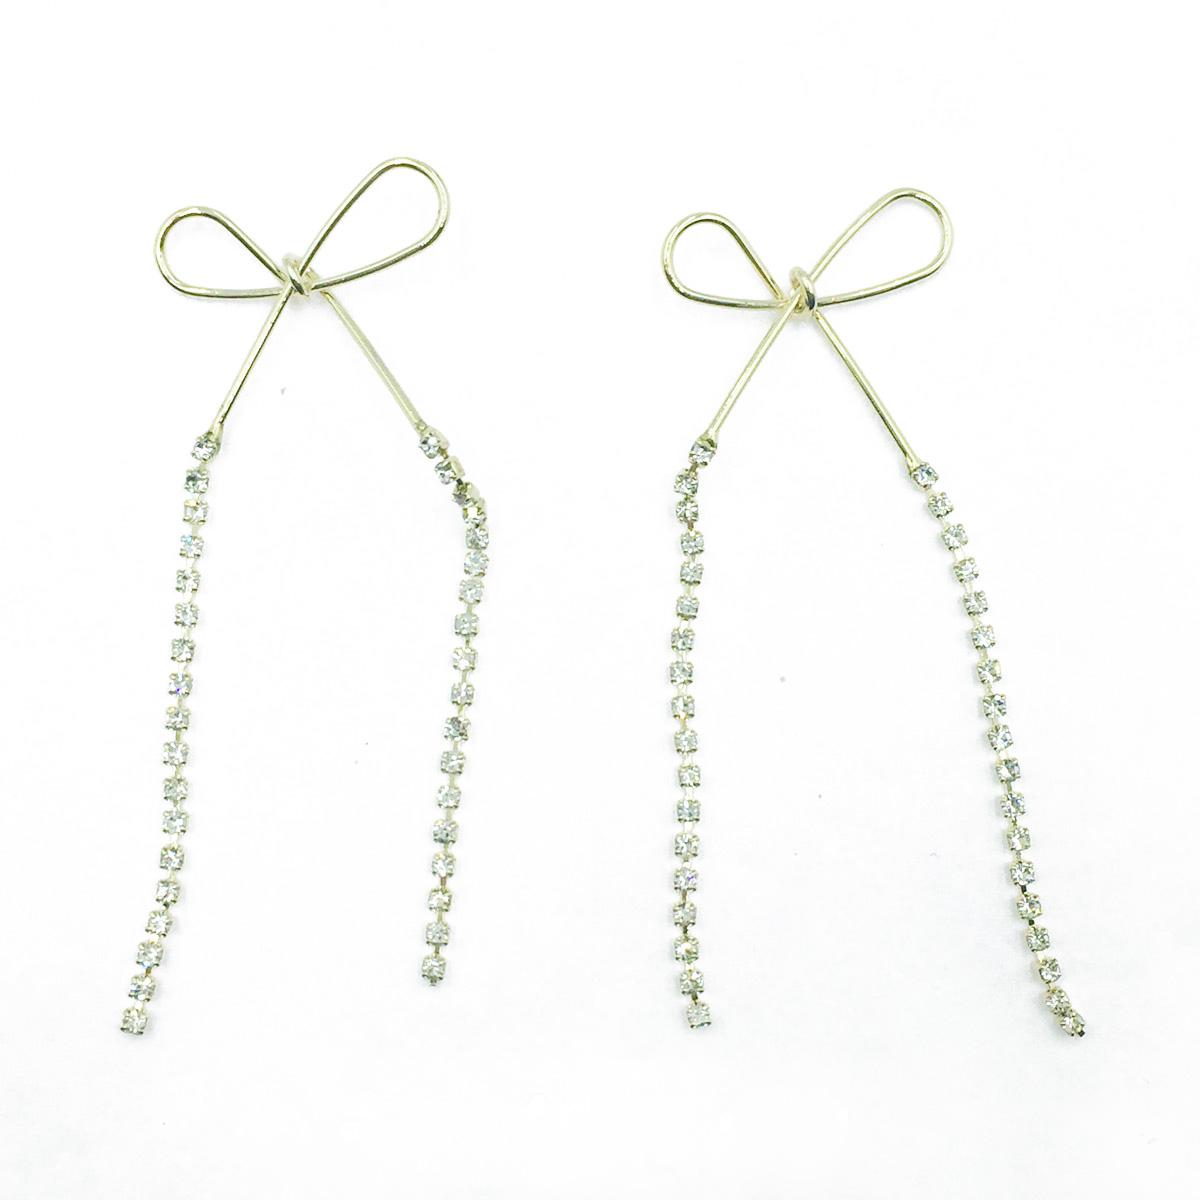 韓國 925純銀 線條感蝴蝶結 鑽鍊 垂墜耳針式耳環